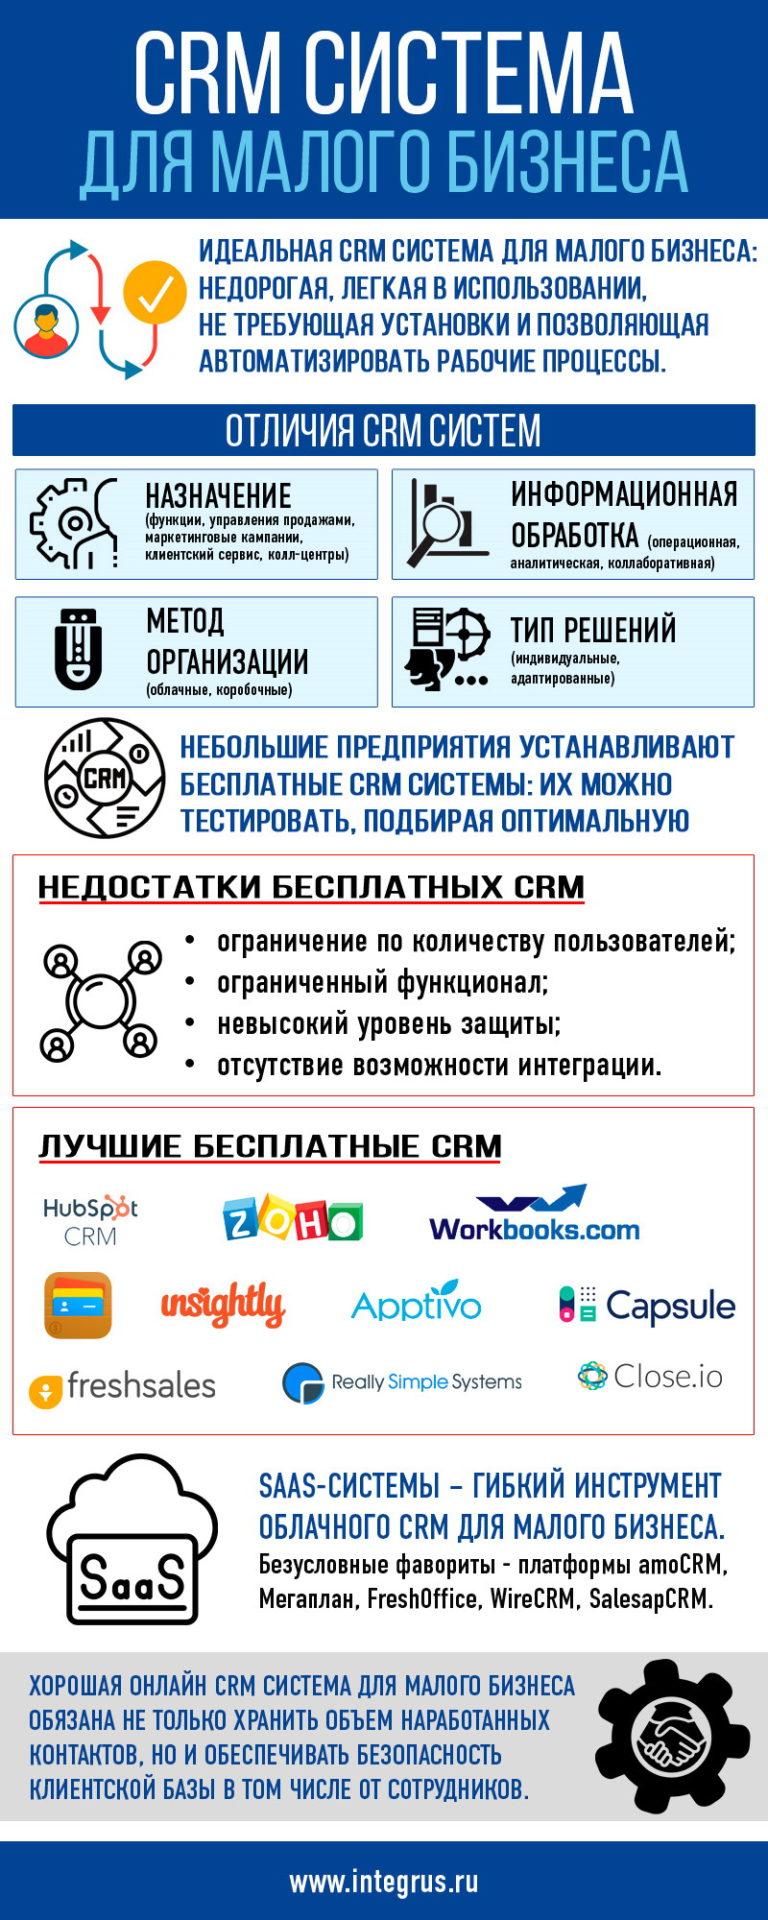 CRM система для малого бизнеса